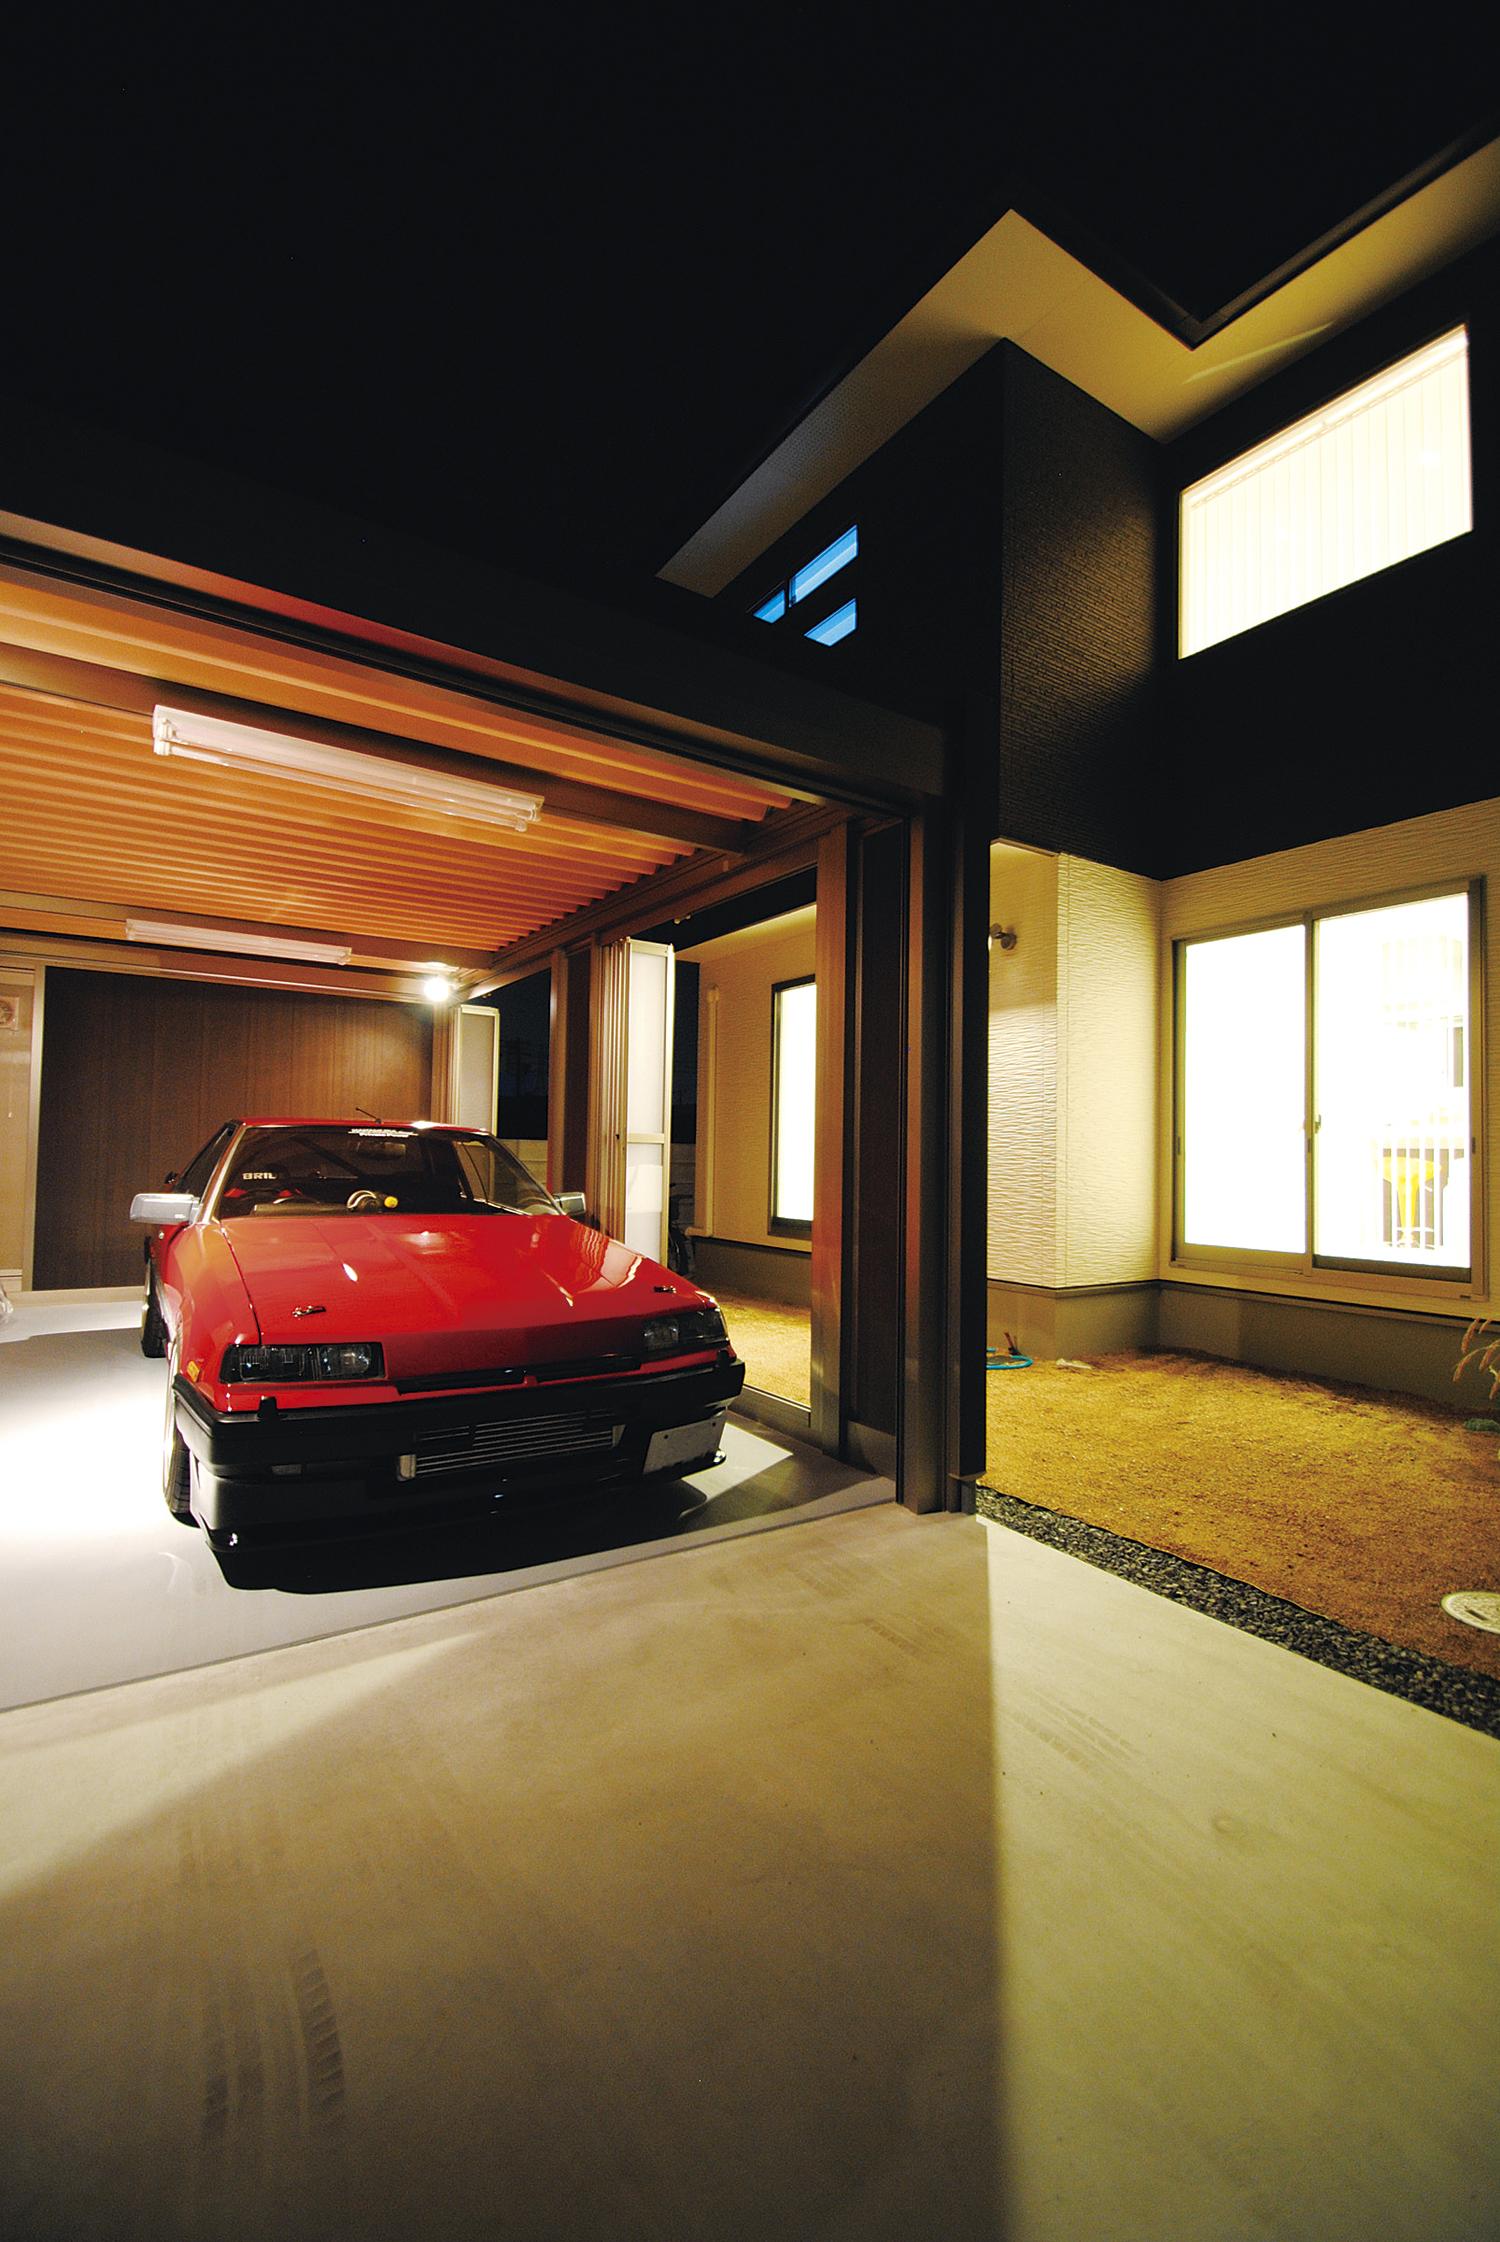 「大切な愛車をいつまでもそばに置いておきたい」 外構工事に至るまでトータル提案の家づくり イメージ